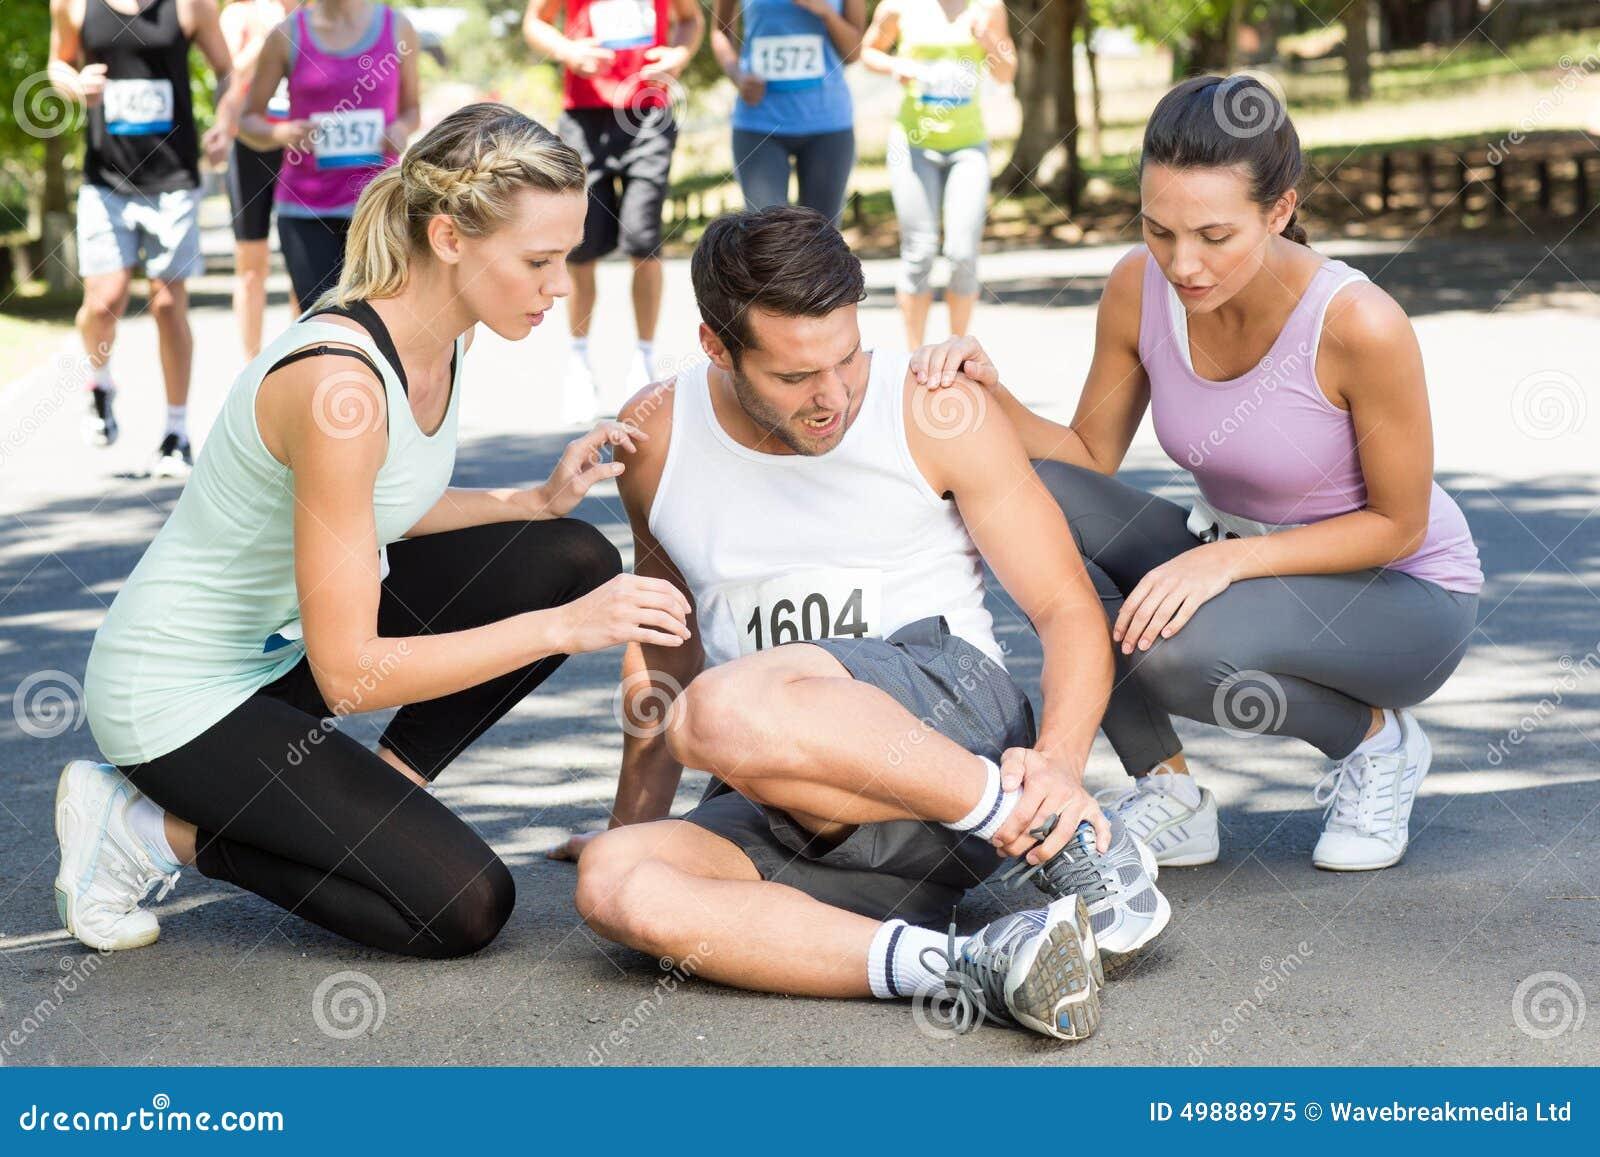 Человек с раненой лодыжкой во время гонки в парке